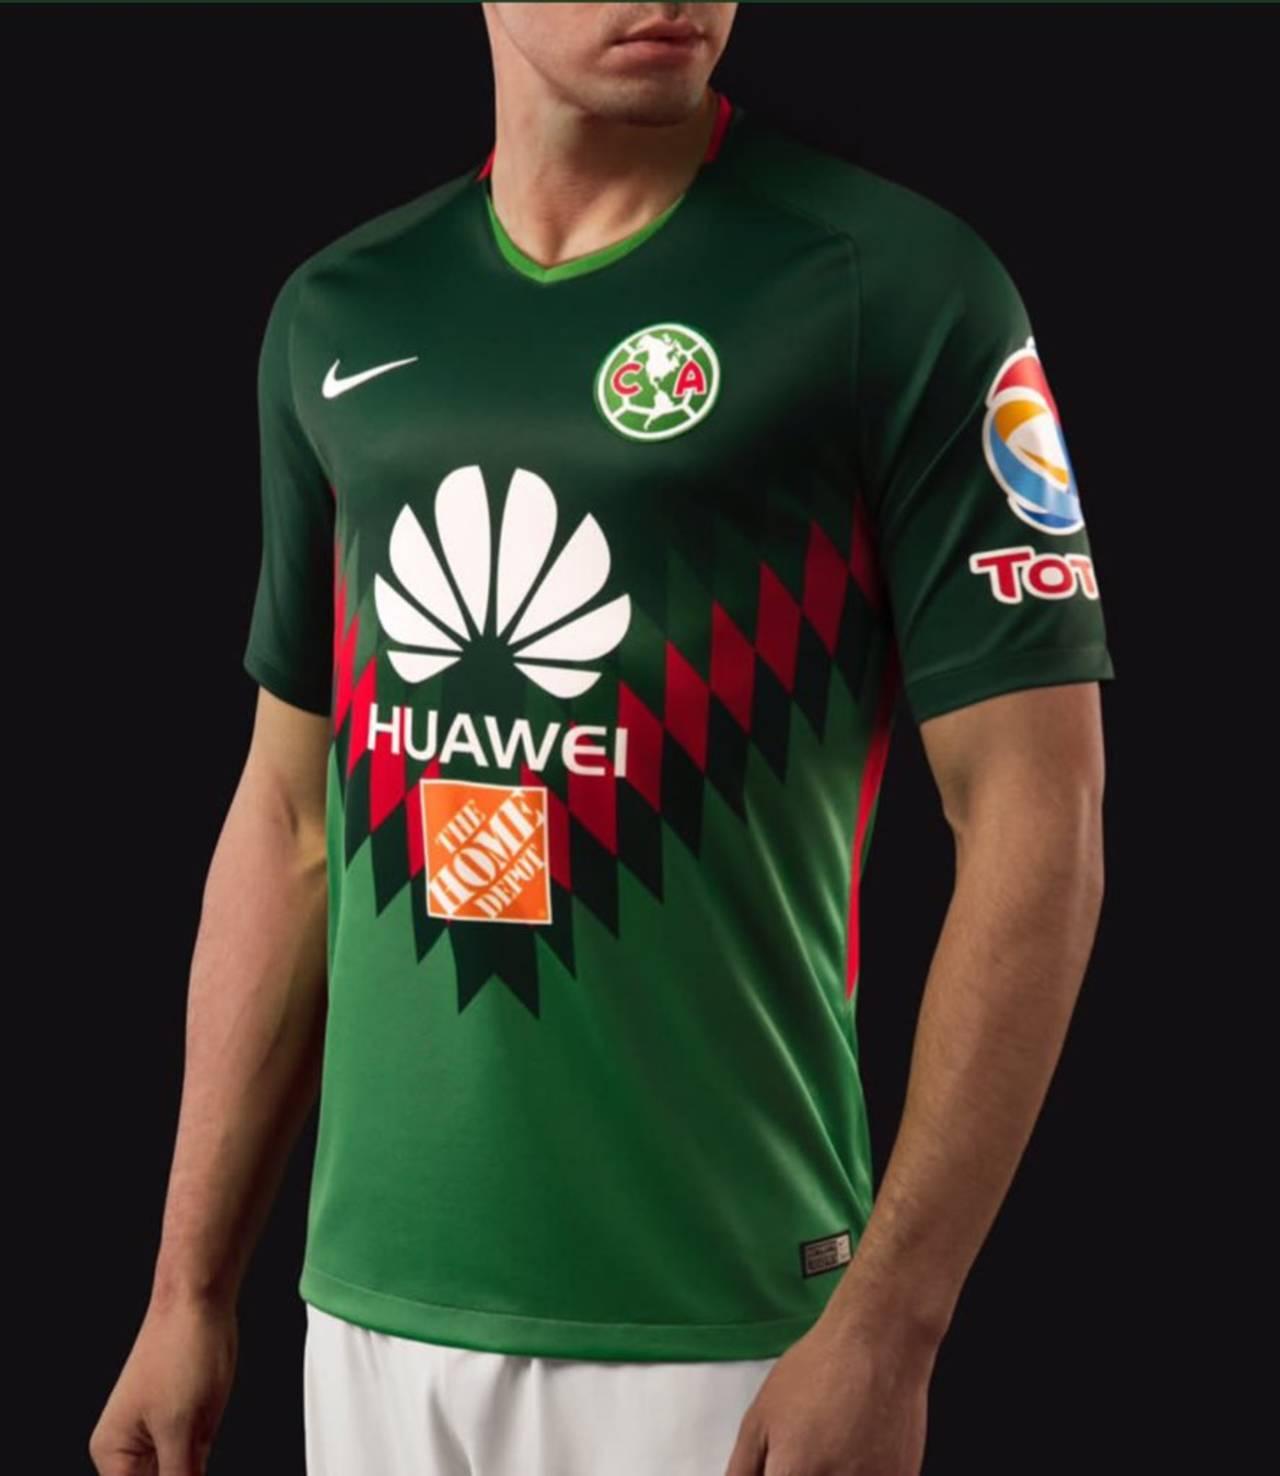 39c03cce1 América usará playera verde por la Selección, El Siglo de Torreón